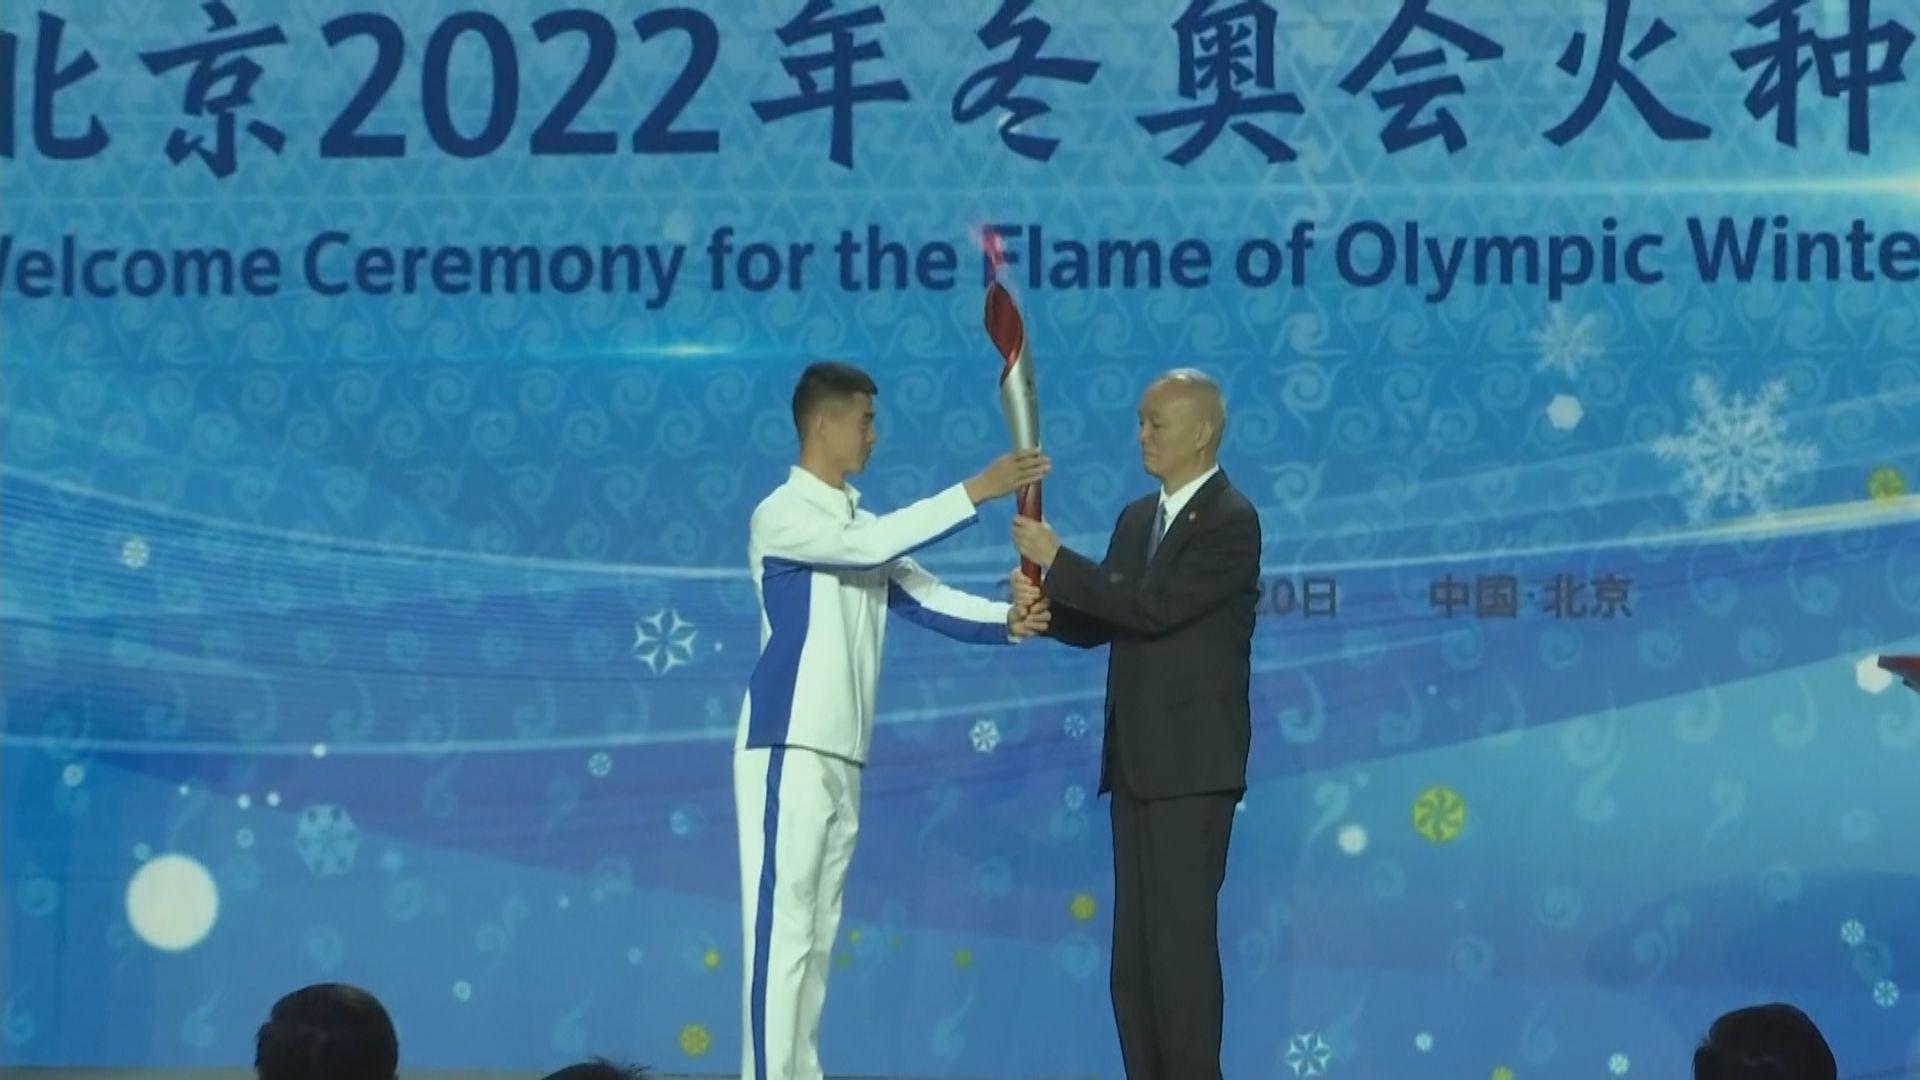 北京舉行冬奧火種歡迎儀式